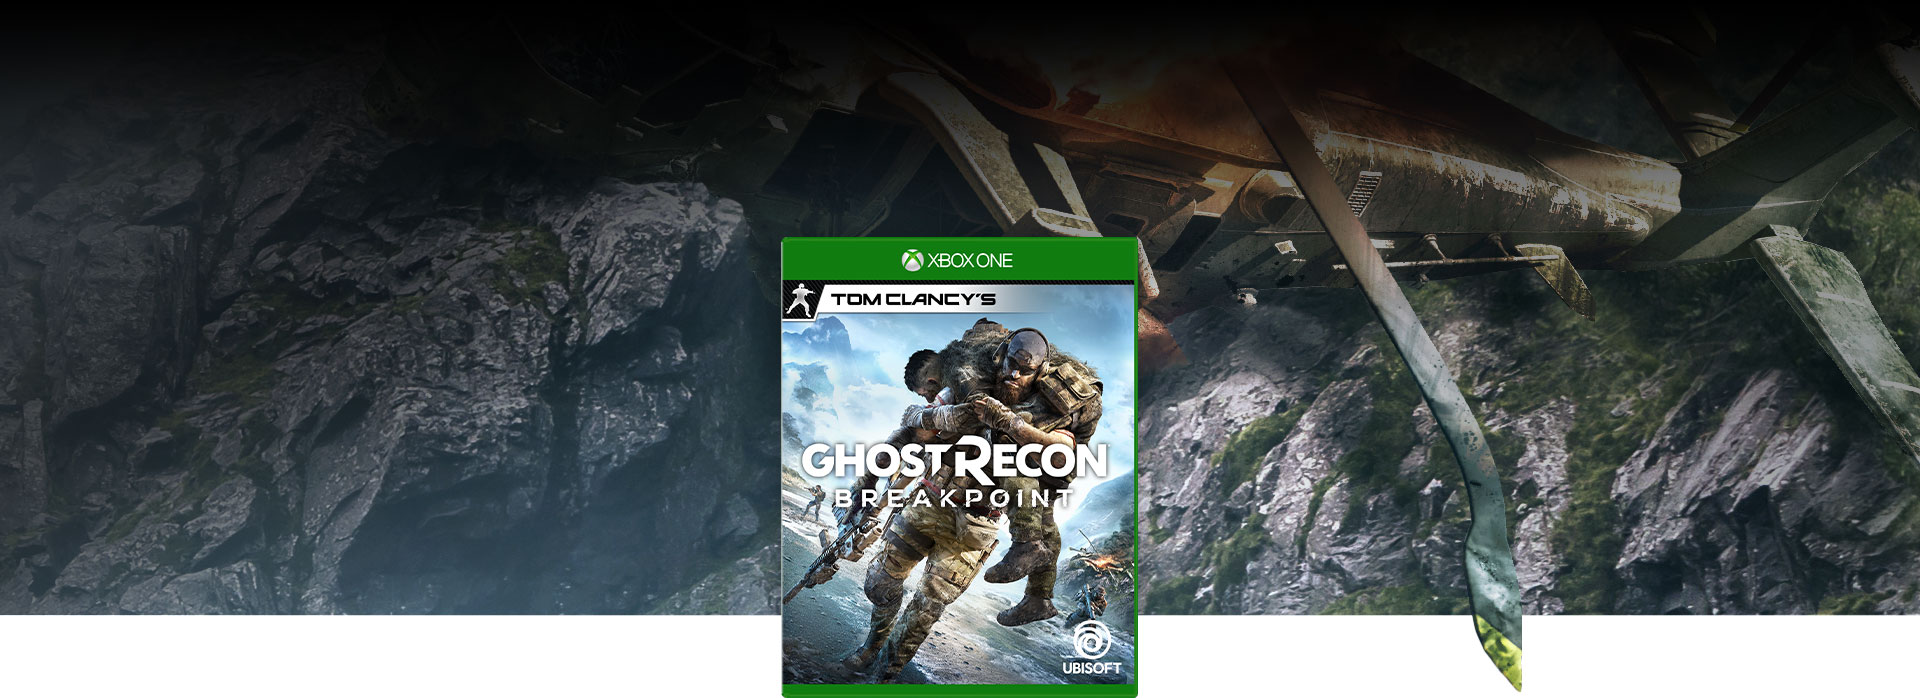 Image de la boîte de Tom Clancy's Ghost Recon Breakpoint, arrière-plan d'un hélicoptère écrasé dans des montagnes